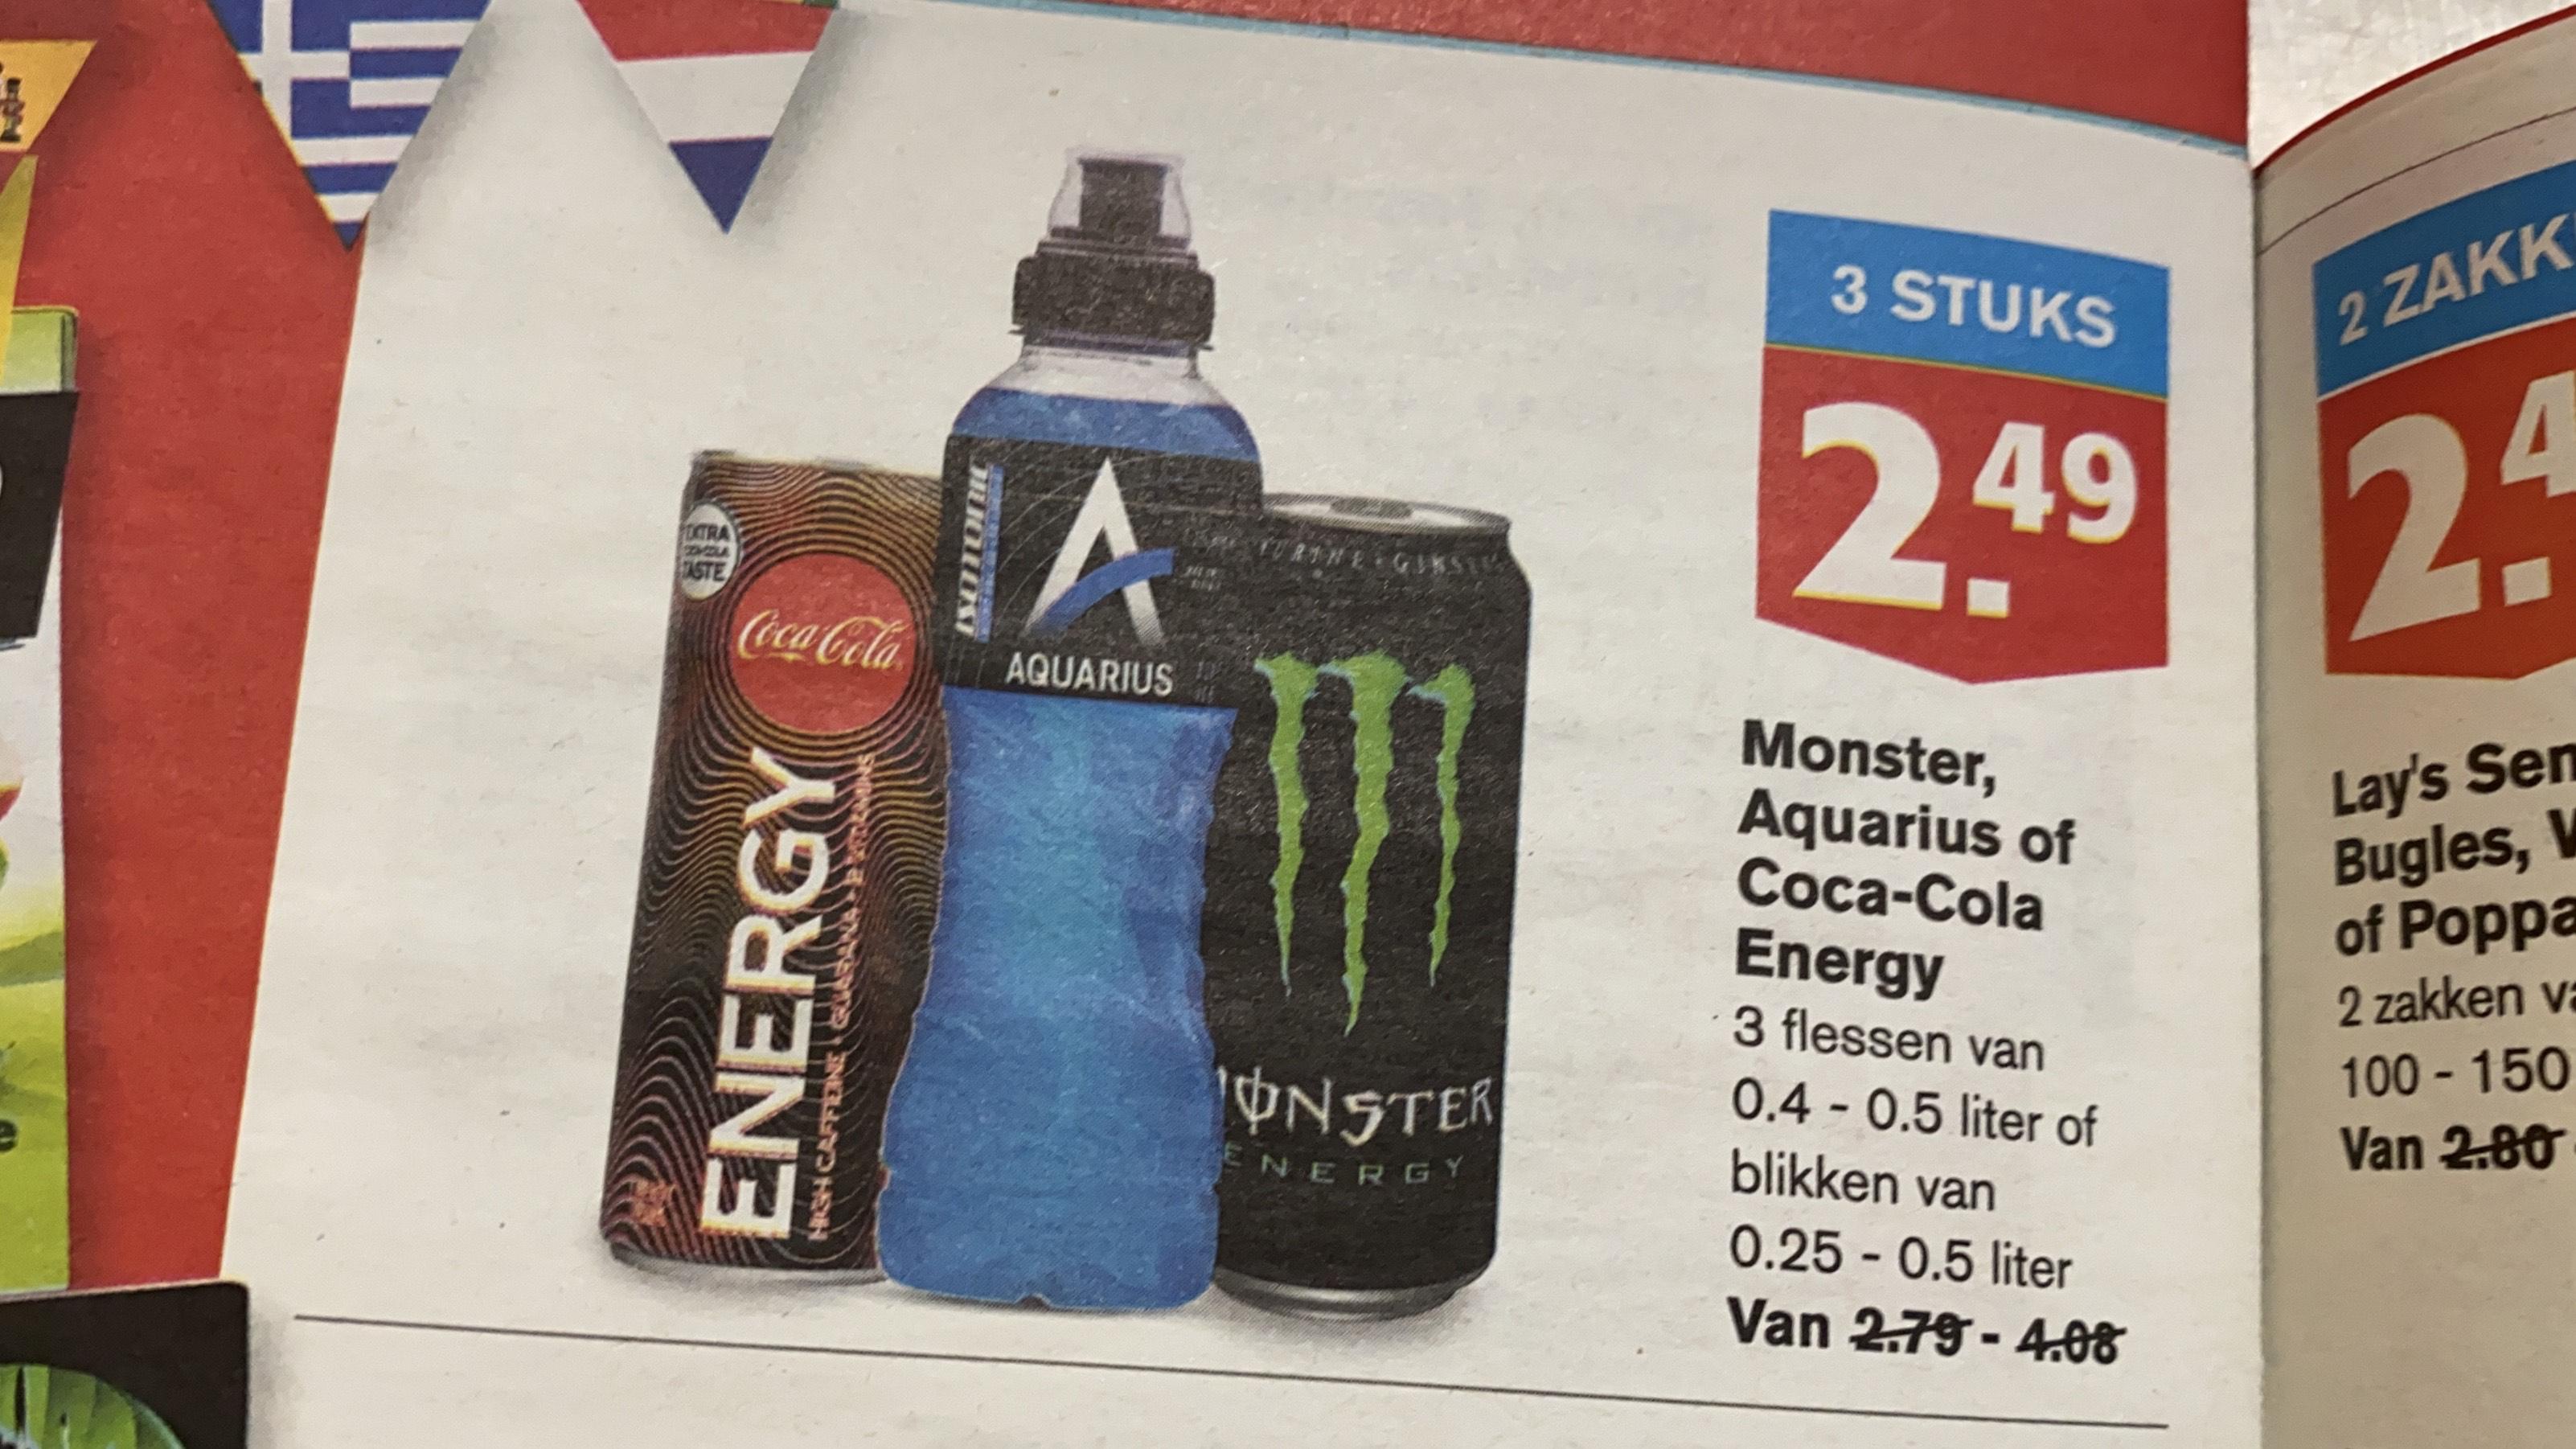 3 stuks €2,49. Monster energy HOOGVLIET